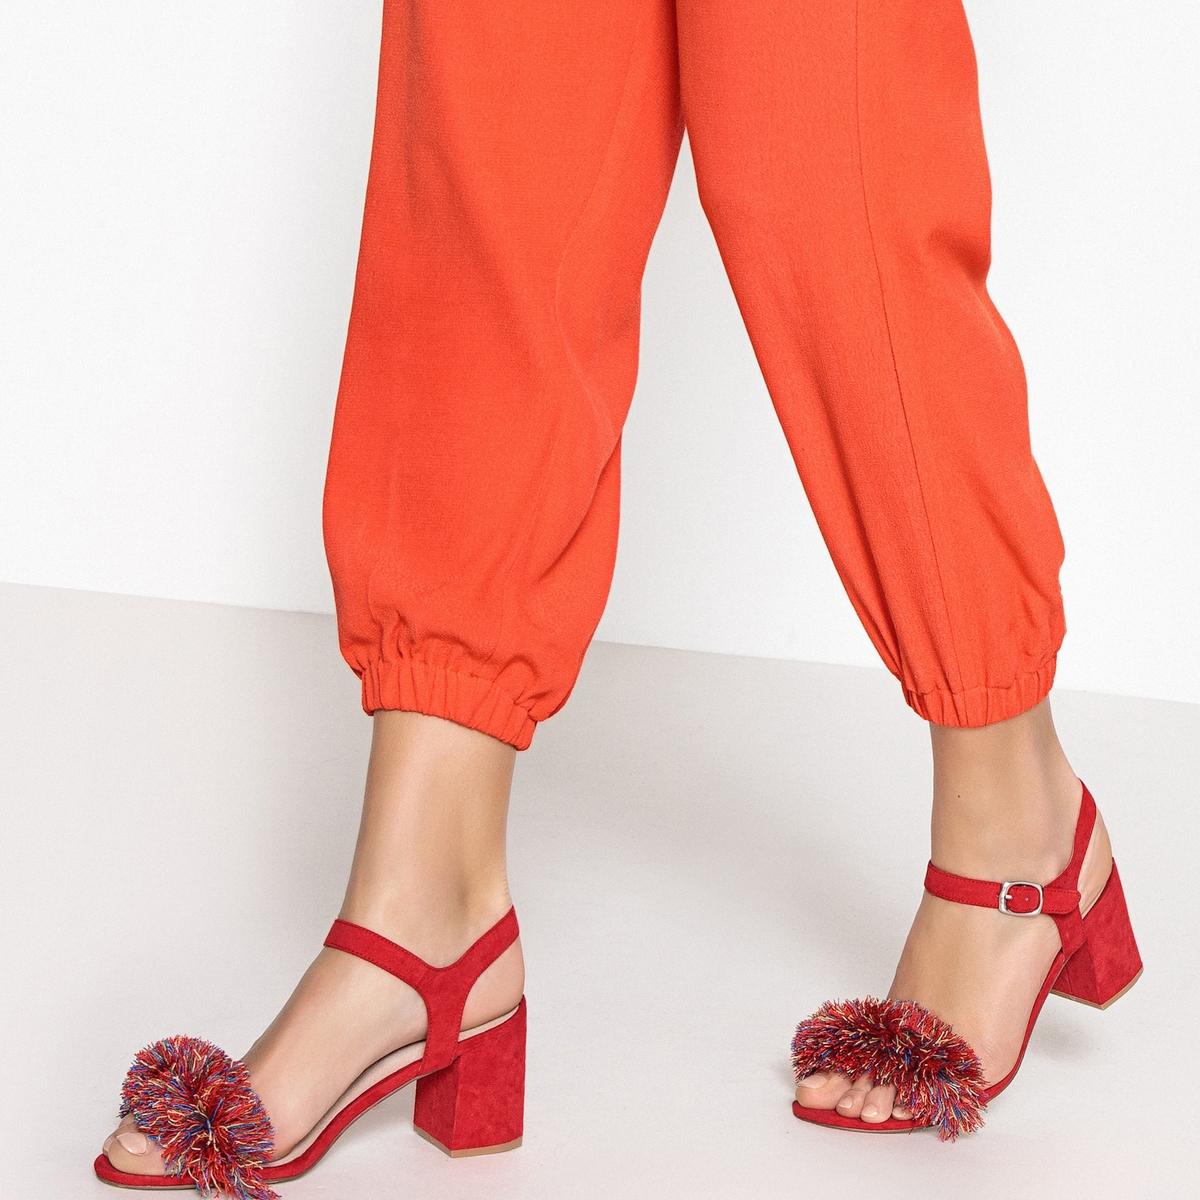 Sandálias com detalhe de pompons